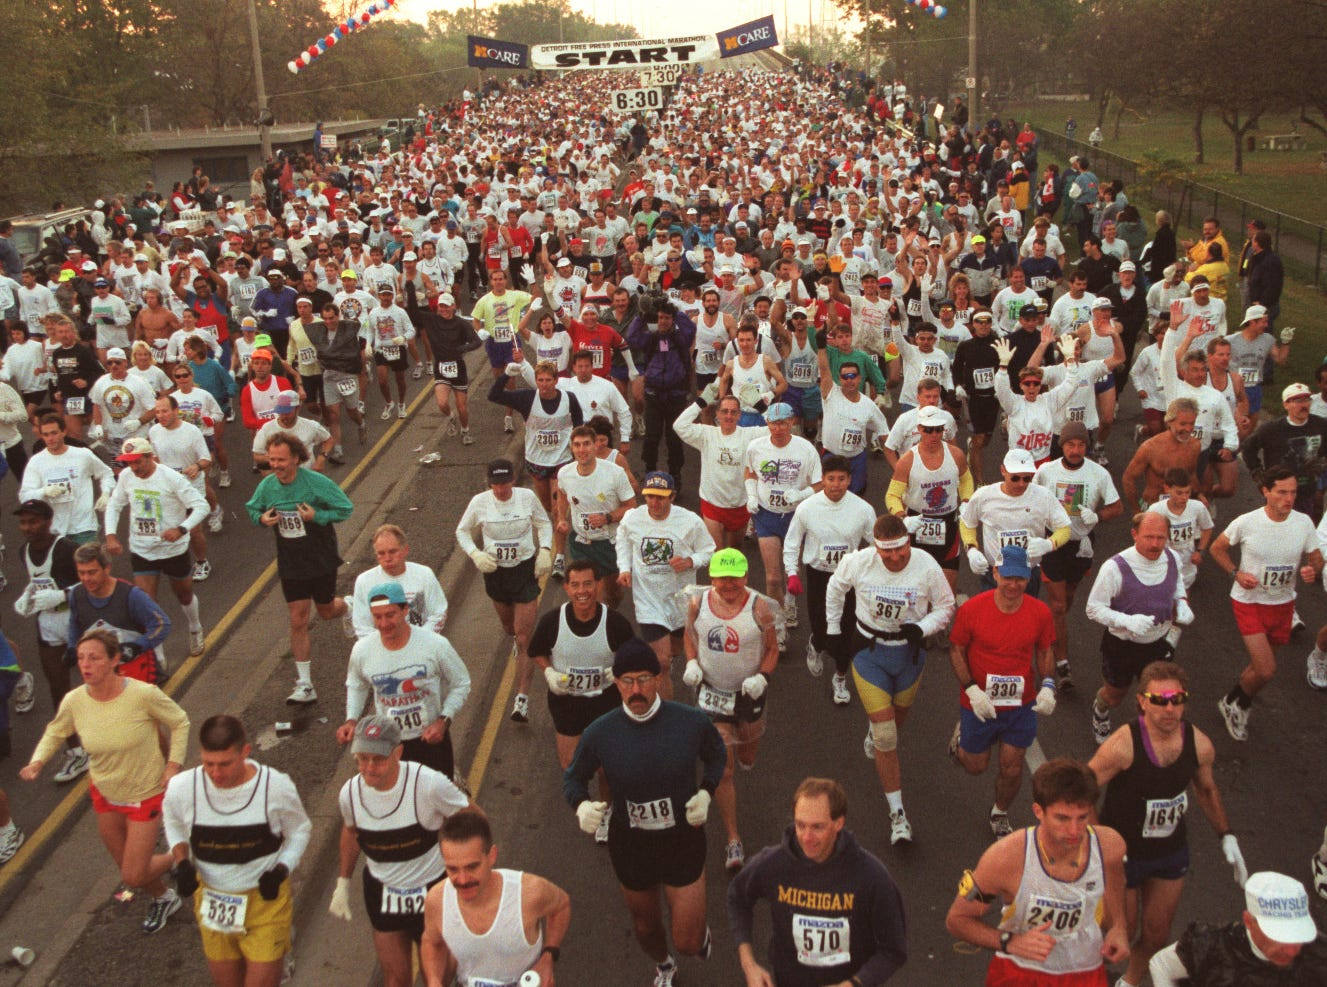 Start of the Free Press/Mazda marathon in Windsor in 1997.